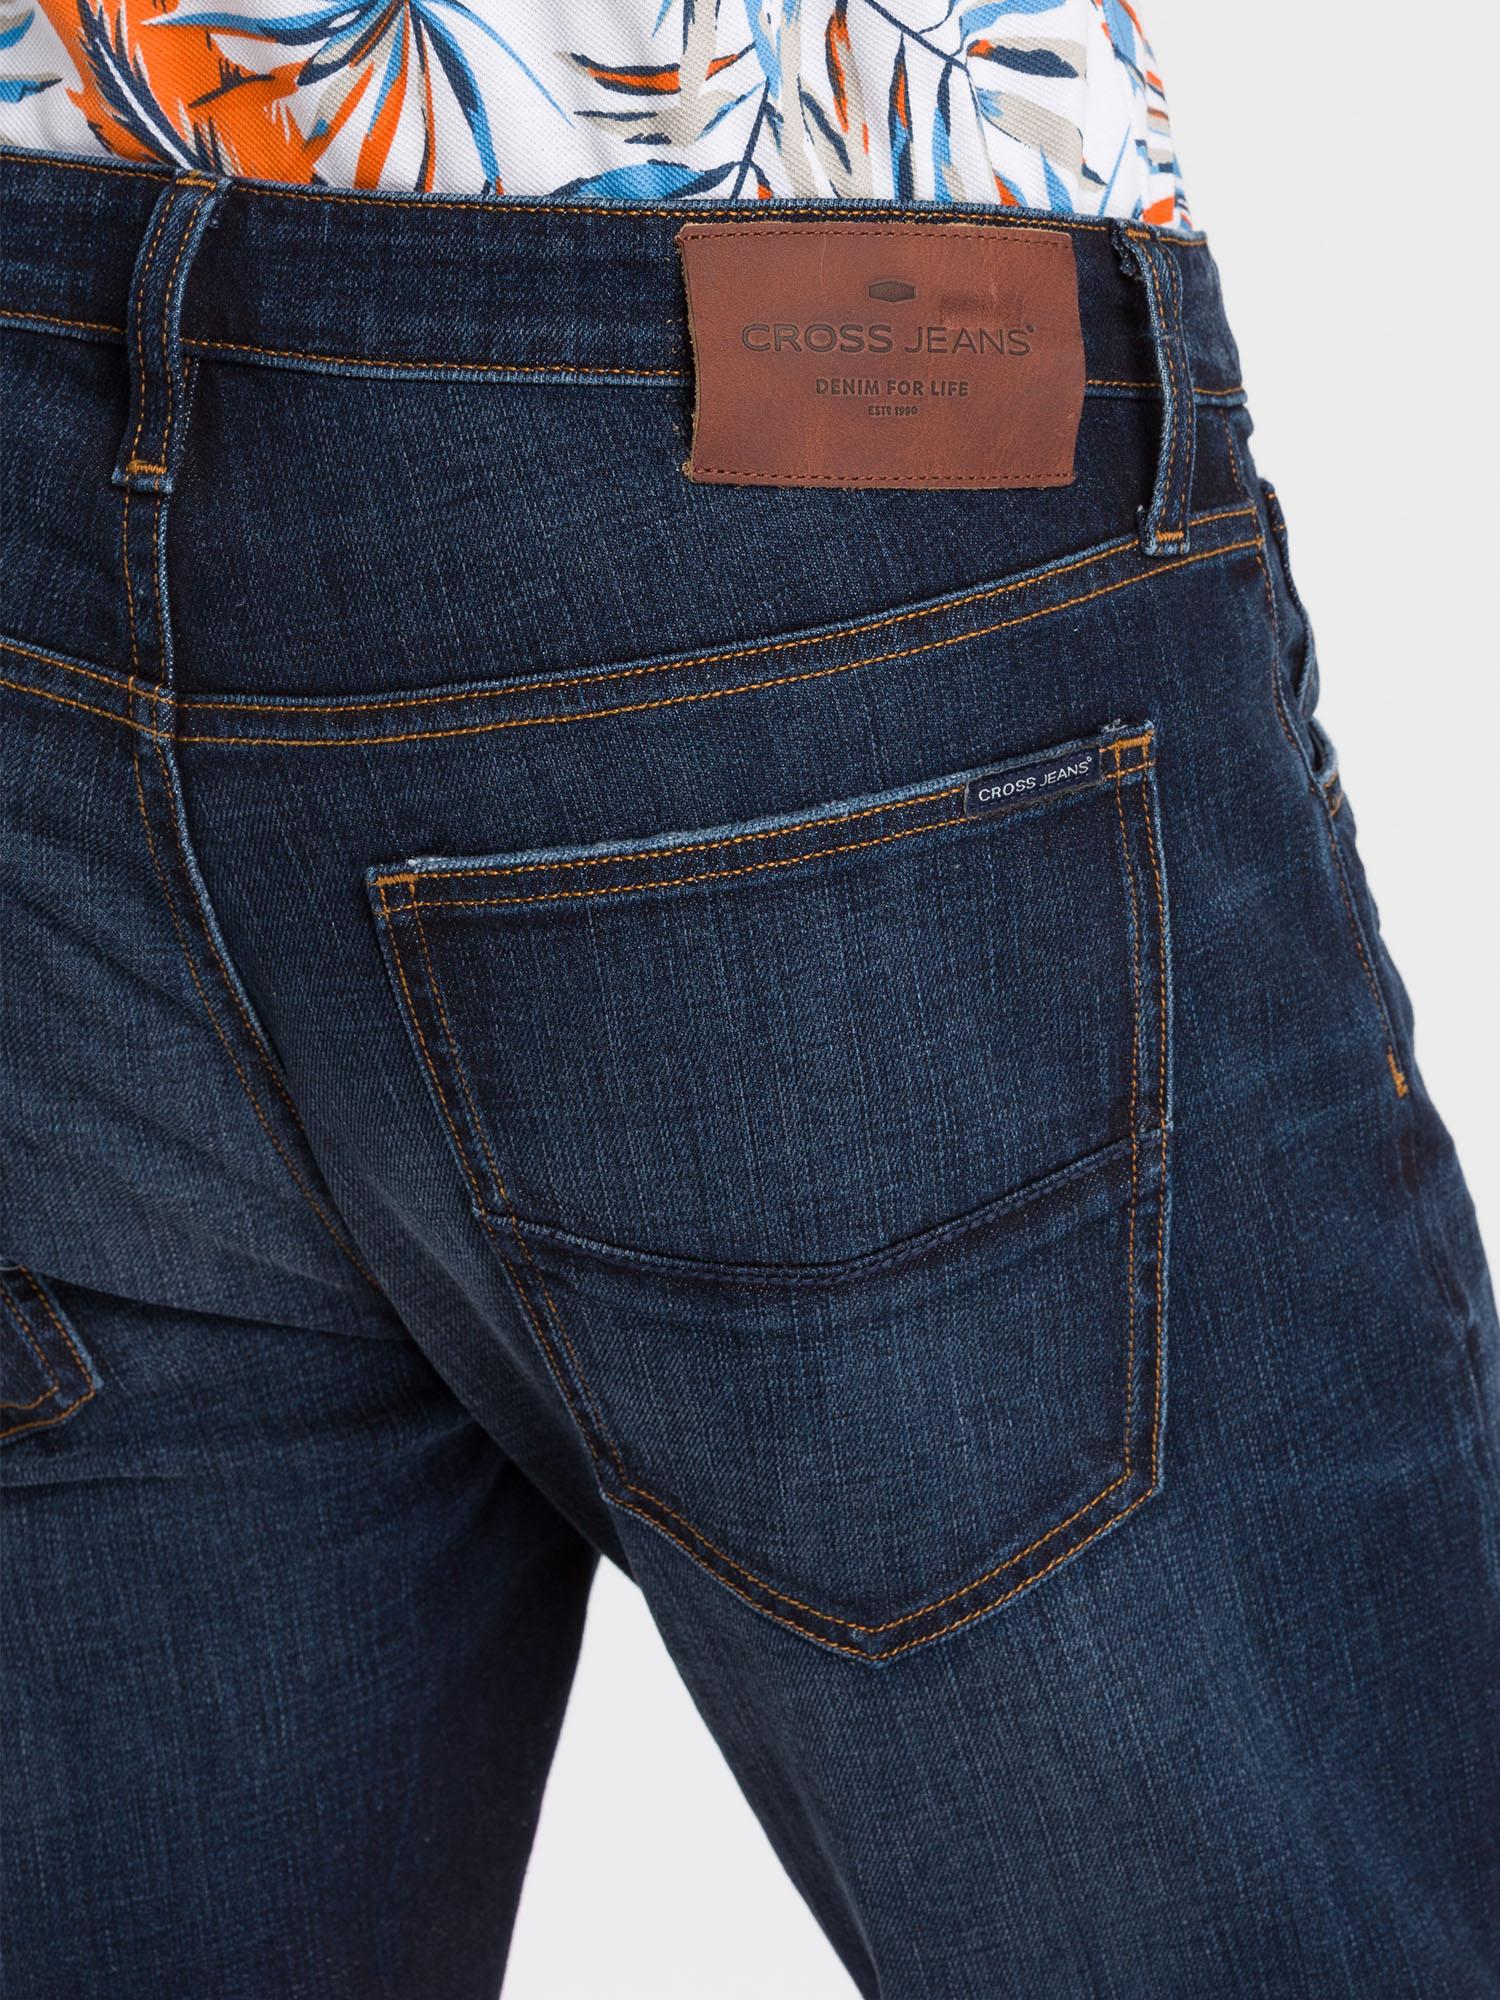 Cross Jeans Damien true dark blue